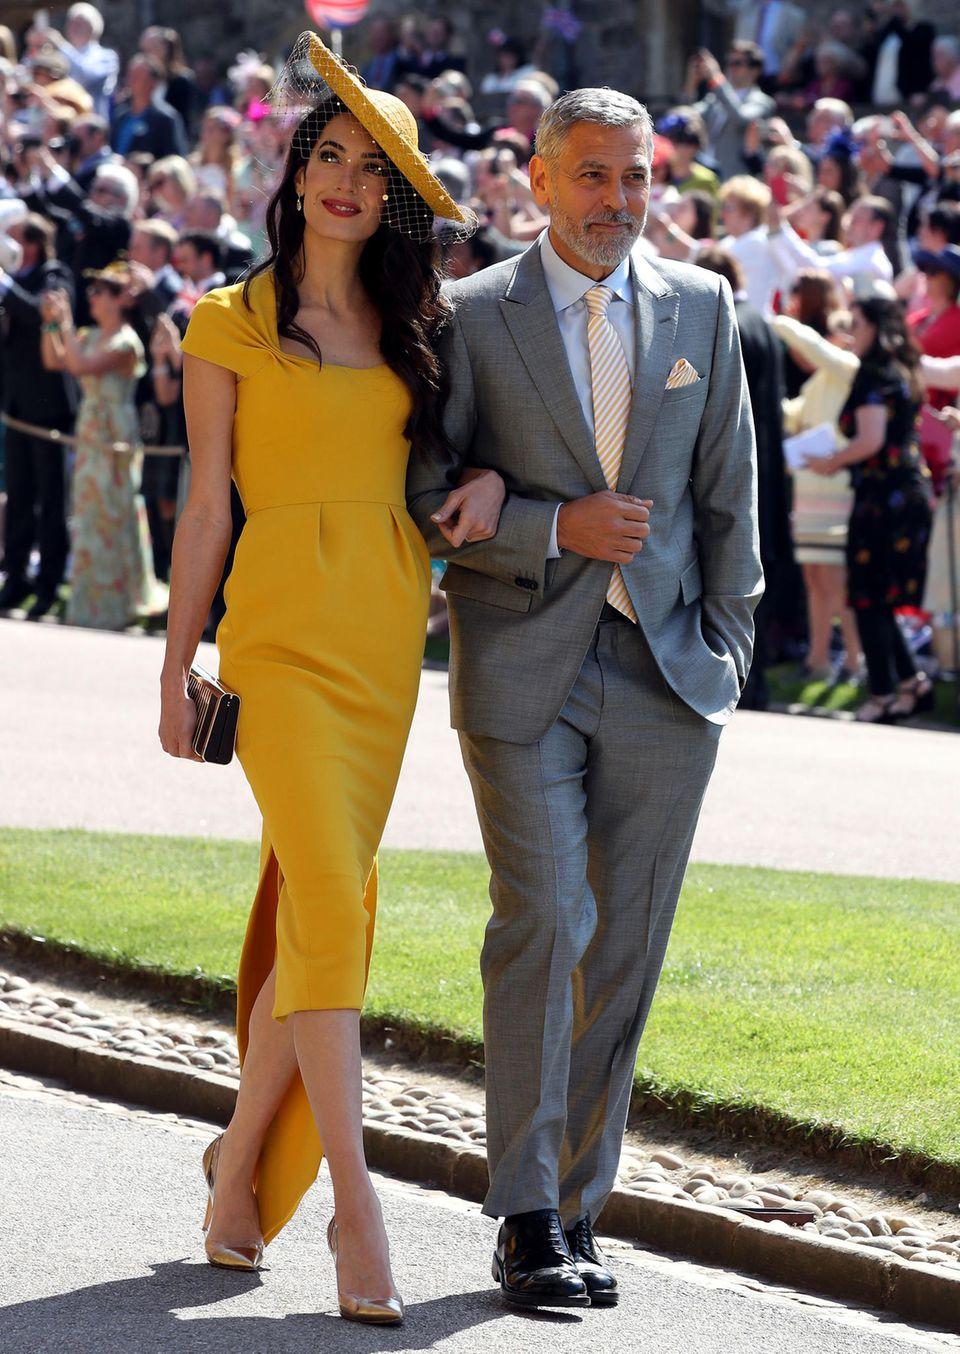 Am 19. Mai erscheint Amal Clooney gemeinsam mit Ehemann George Clooney zur royalen Hochzeit von Prinz Harry und der ehemaligen Meghan Markle. Dieselben Pumps auf der Babyparty zu tragenkann man als nette Hommage für die werdende Mama verstehen.